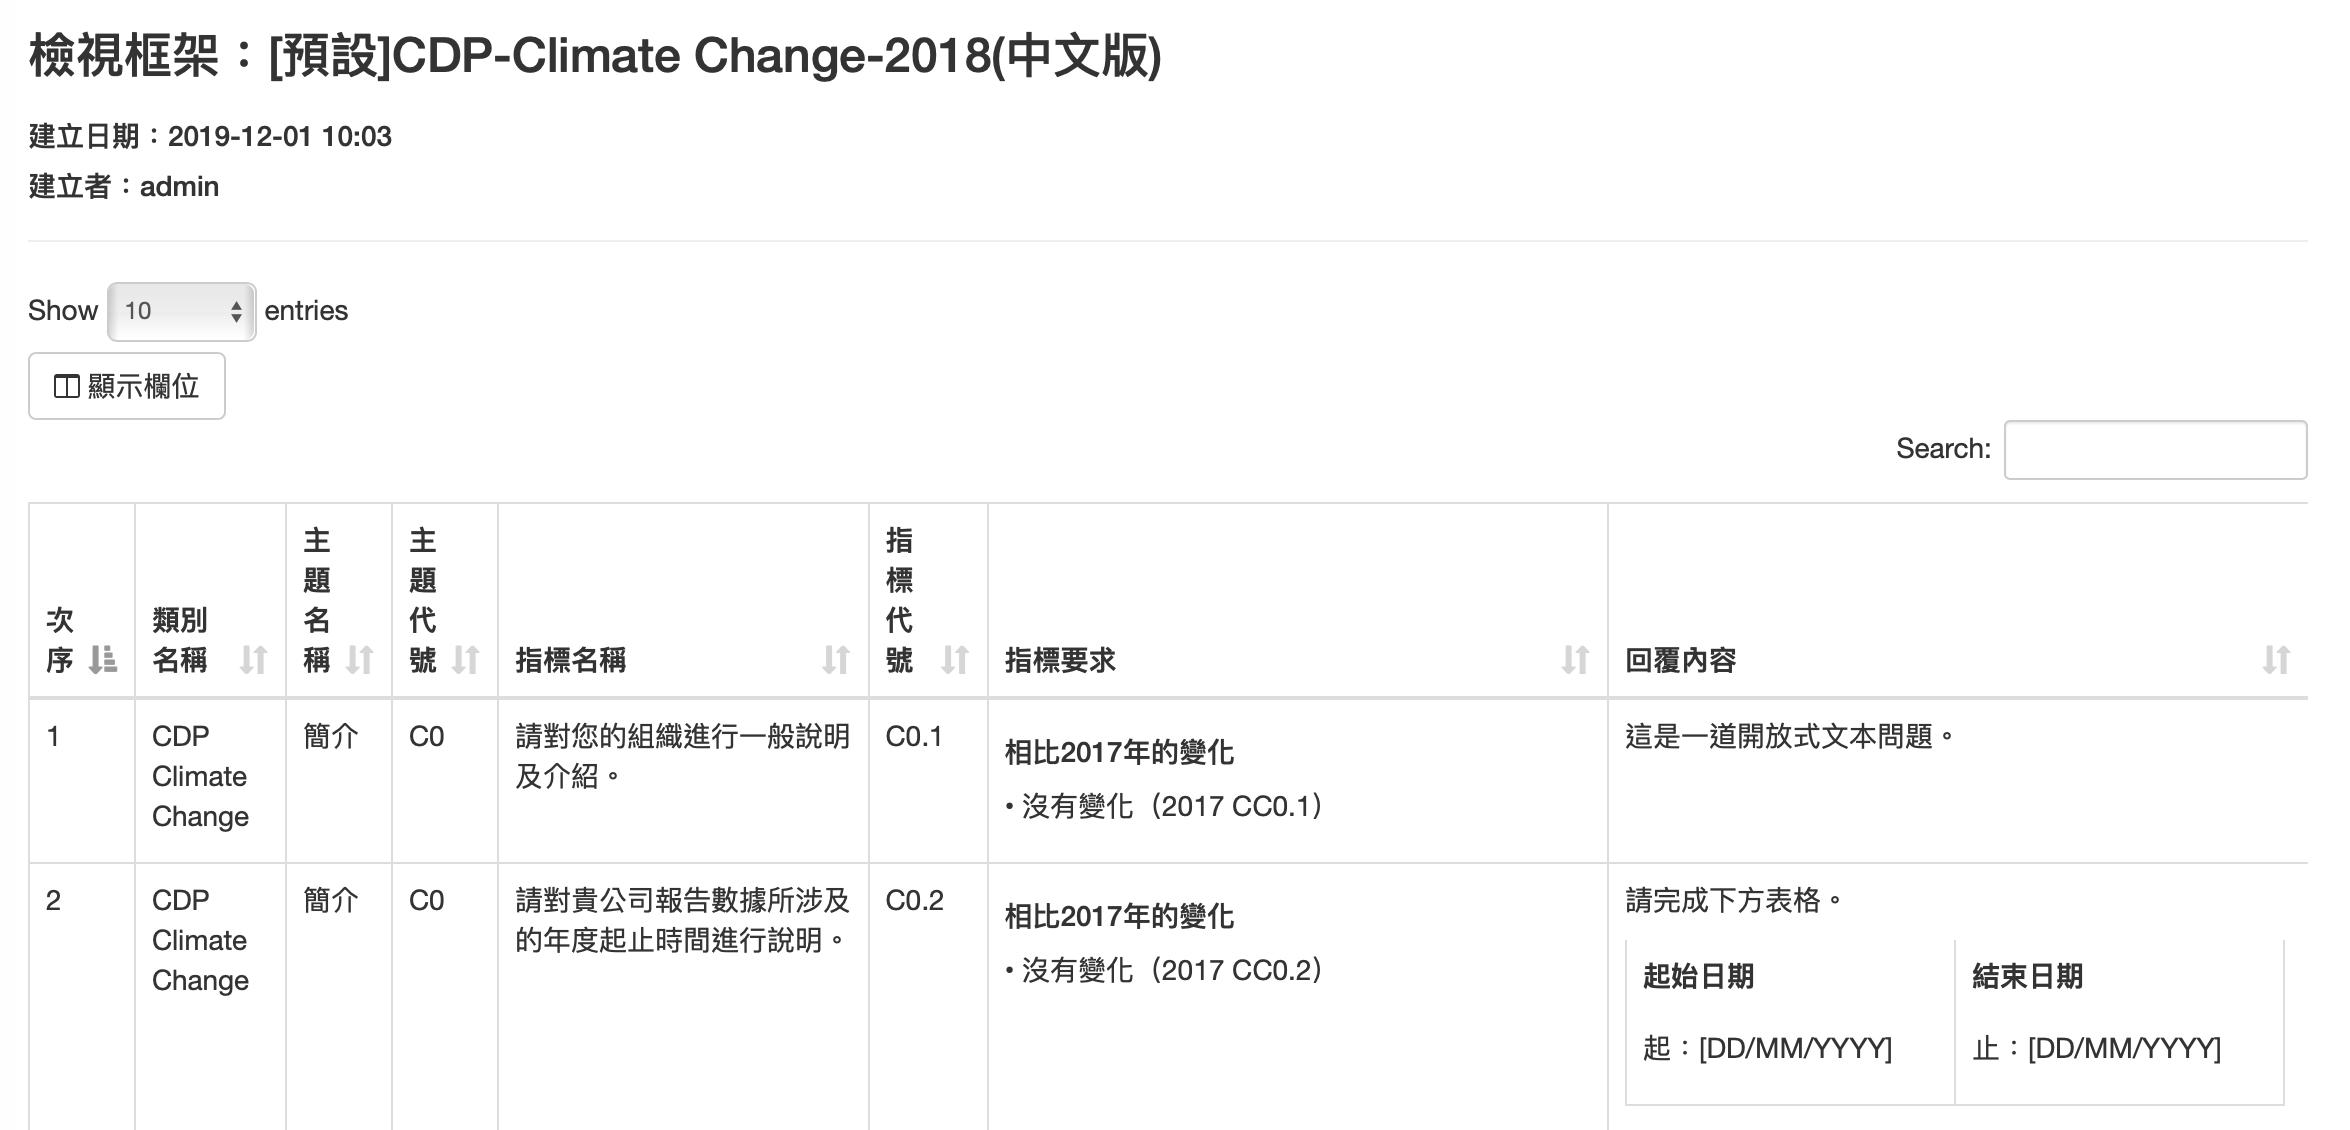 SMS永續管理系統 - 檢視框架